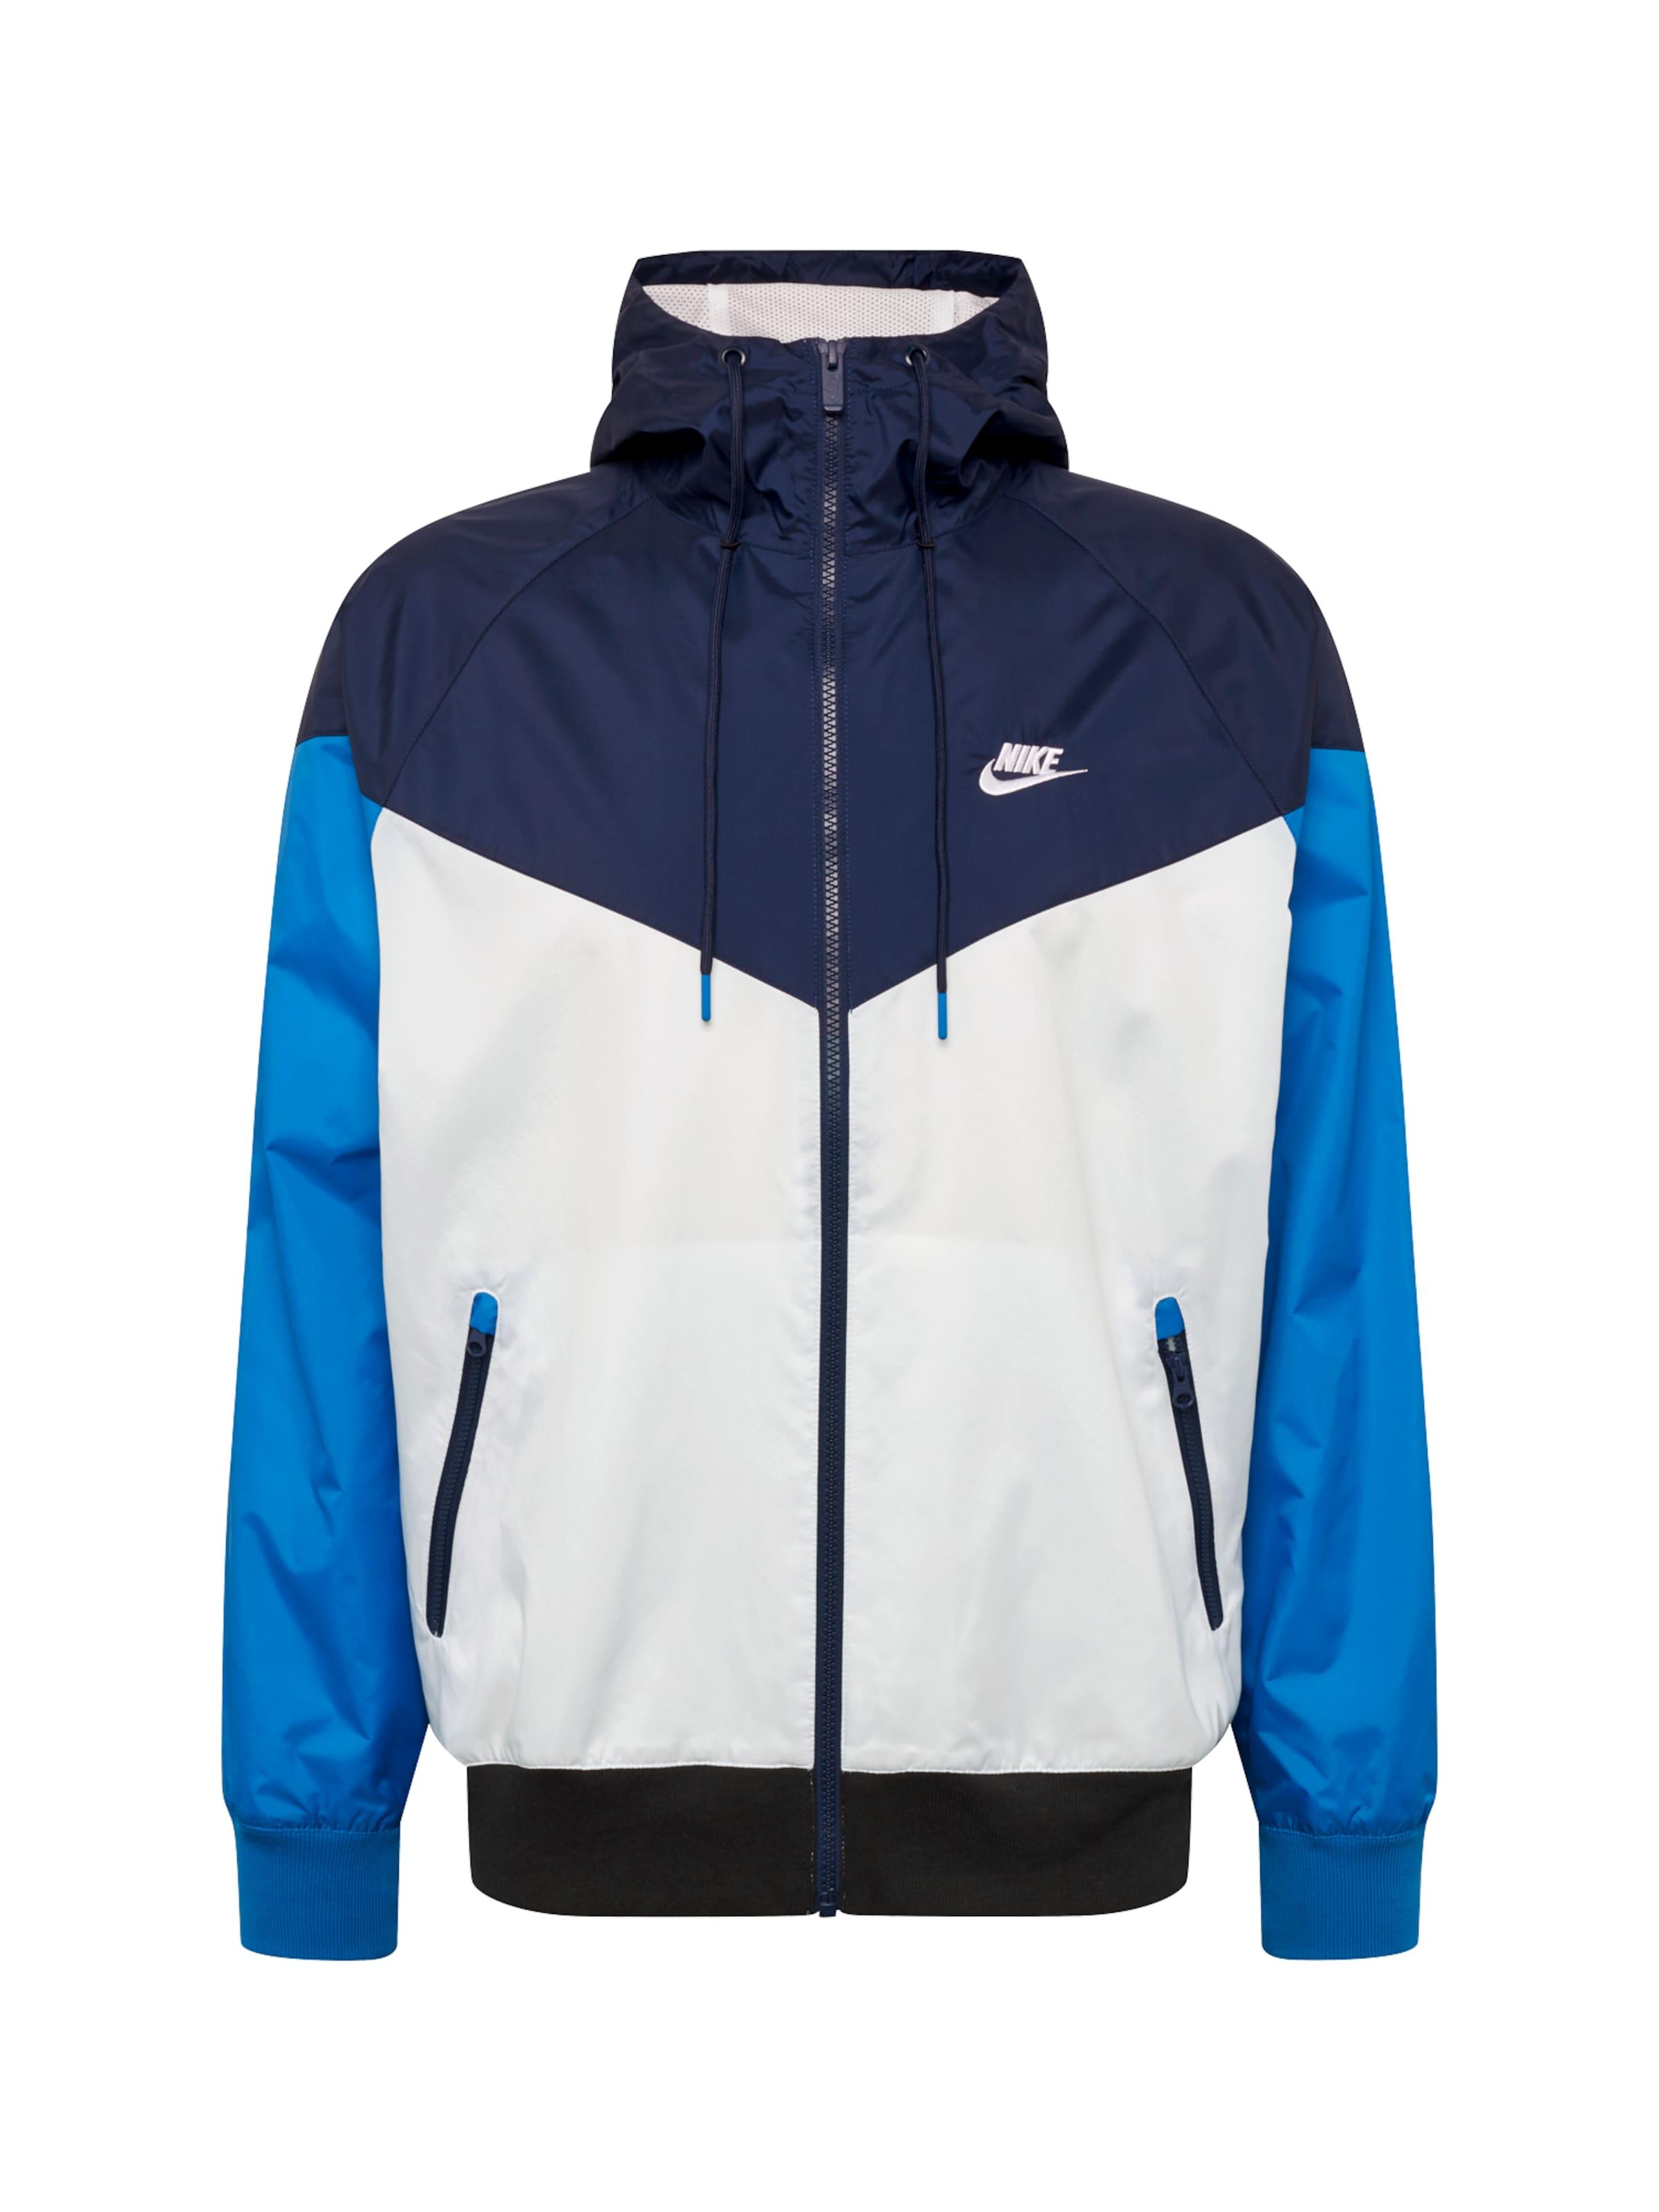 Jacke Sportswear Weiß Nike In BlauDunkelblau wO8PNn0kXZ